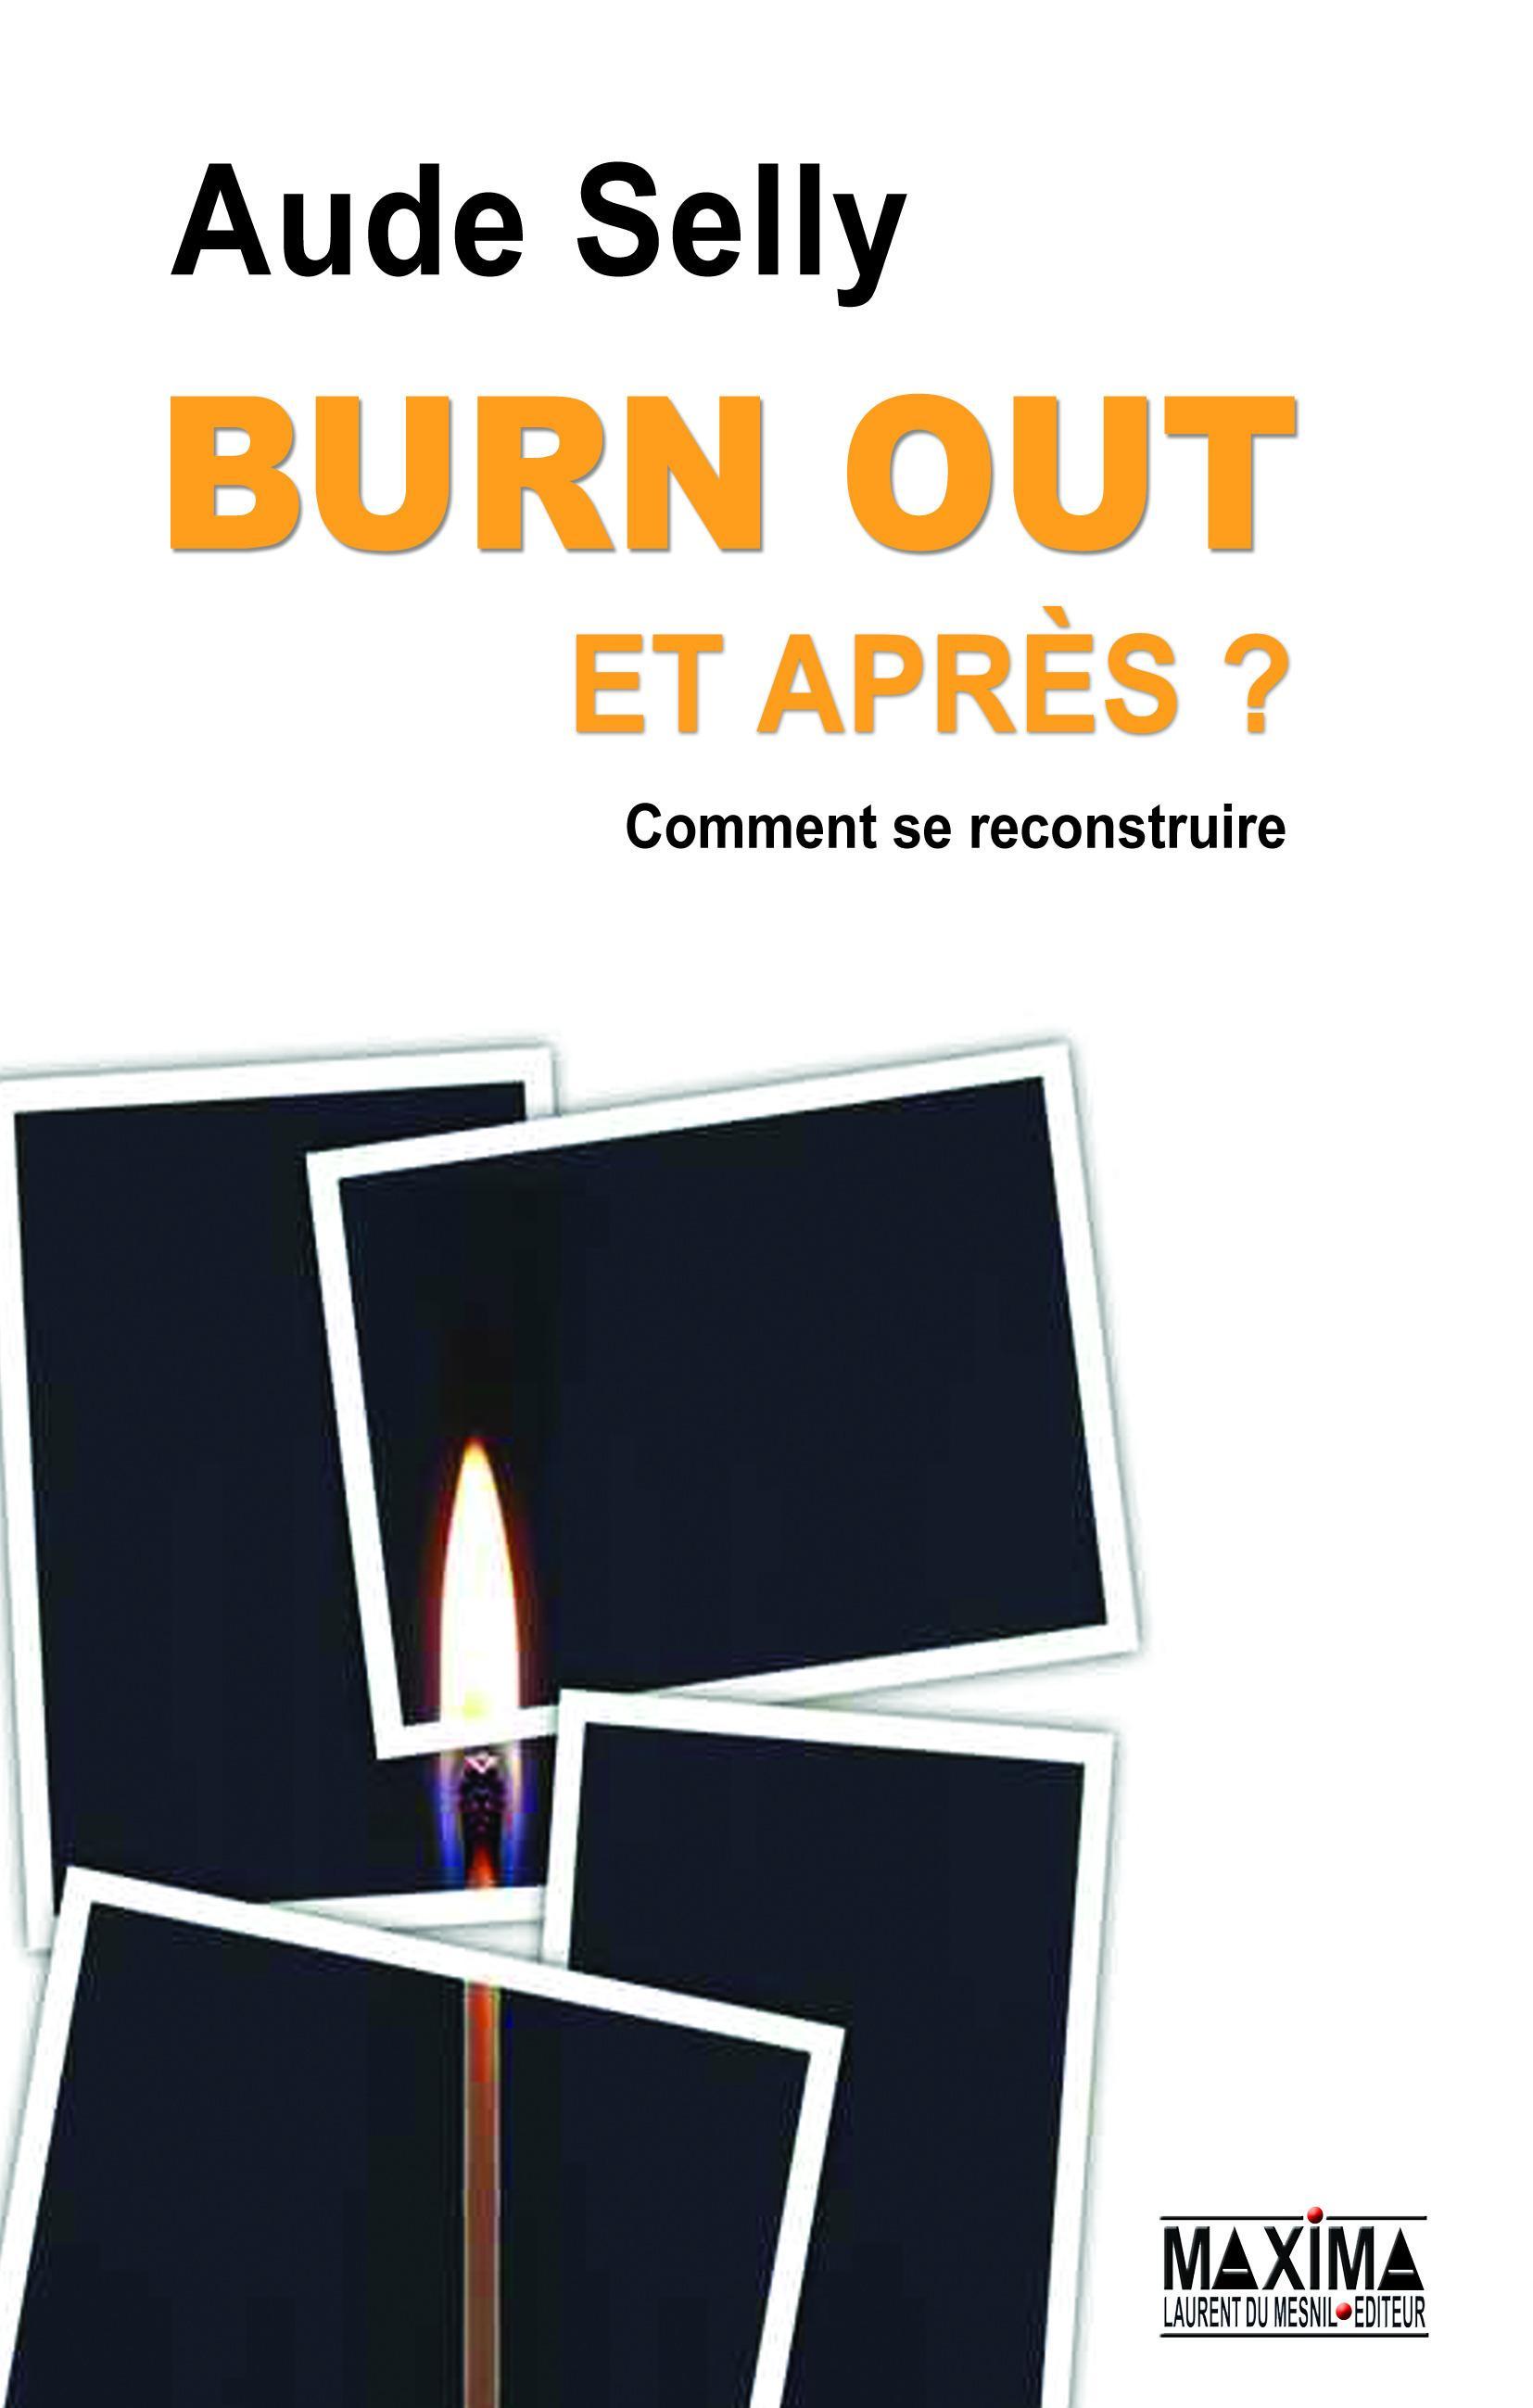 Burn Out, et après ?, COMMENT LE PRÉVENIR - COMMENT SE RECONSTRUIRE